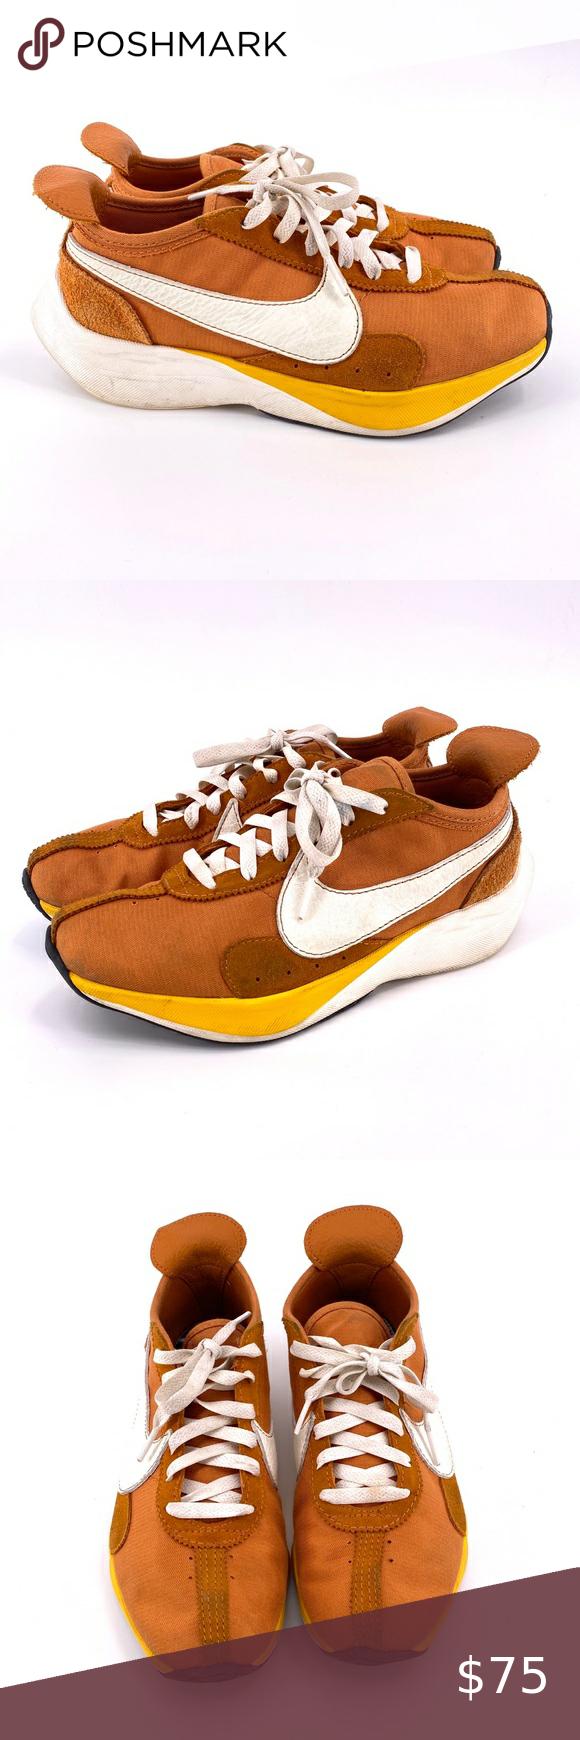 Nike Moon Racer Qs Monarch Sail Amarillo Sneakers Womens Sneakers Womens Shoes Sneakers Suede Leather